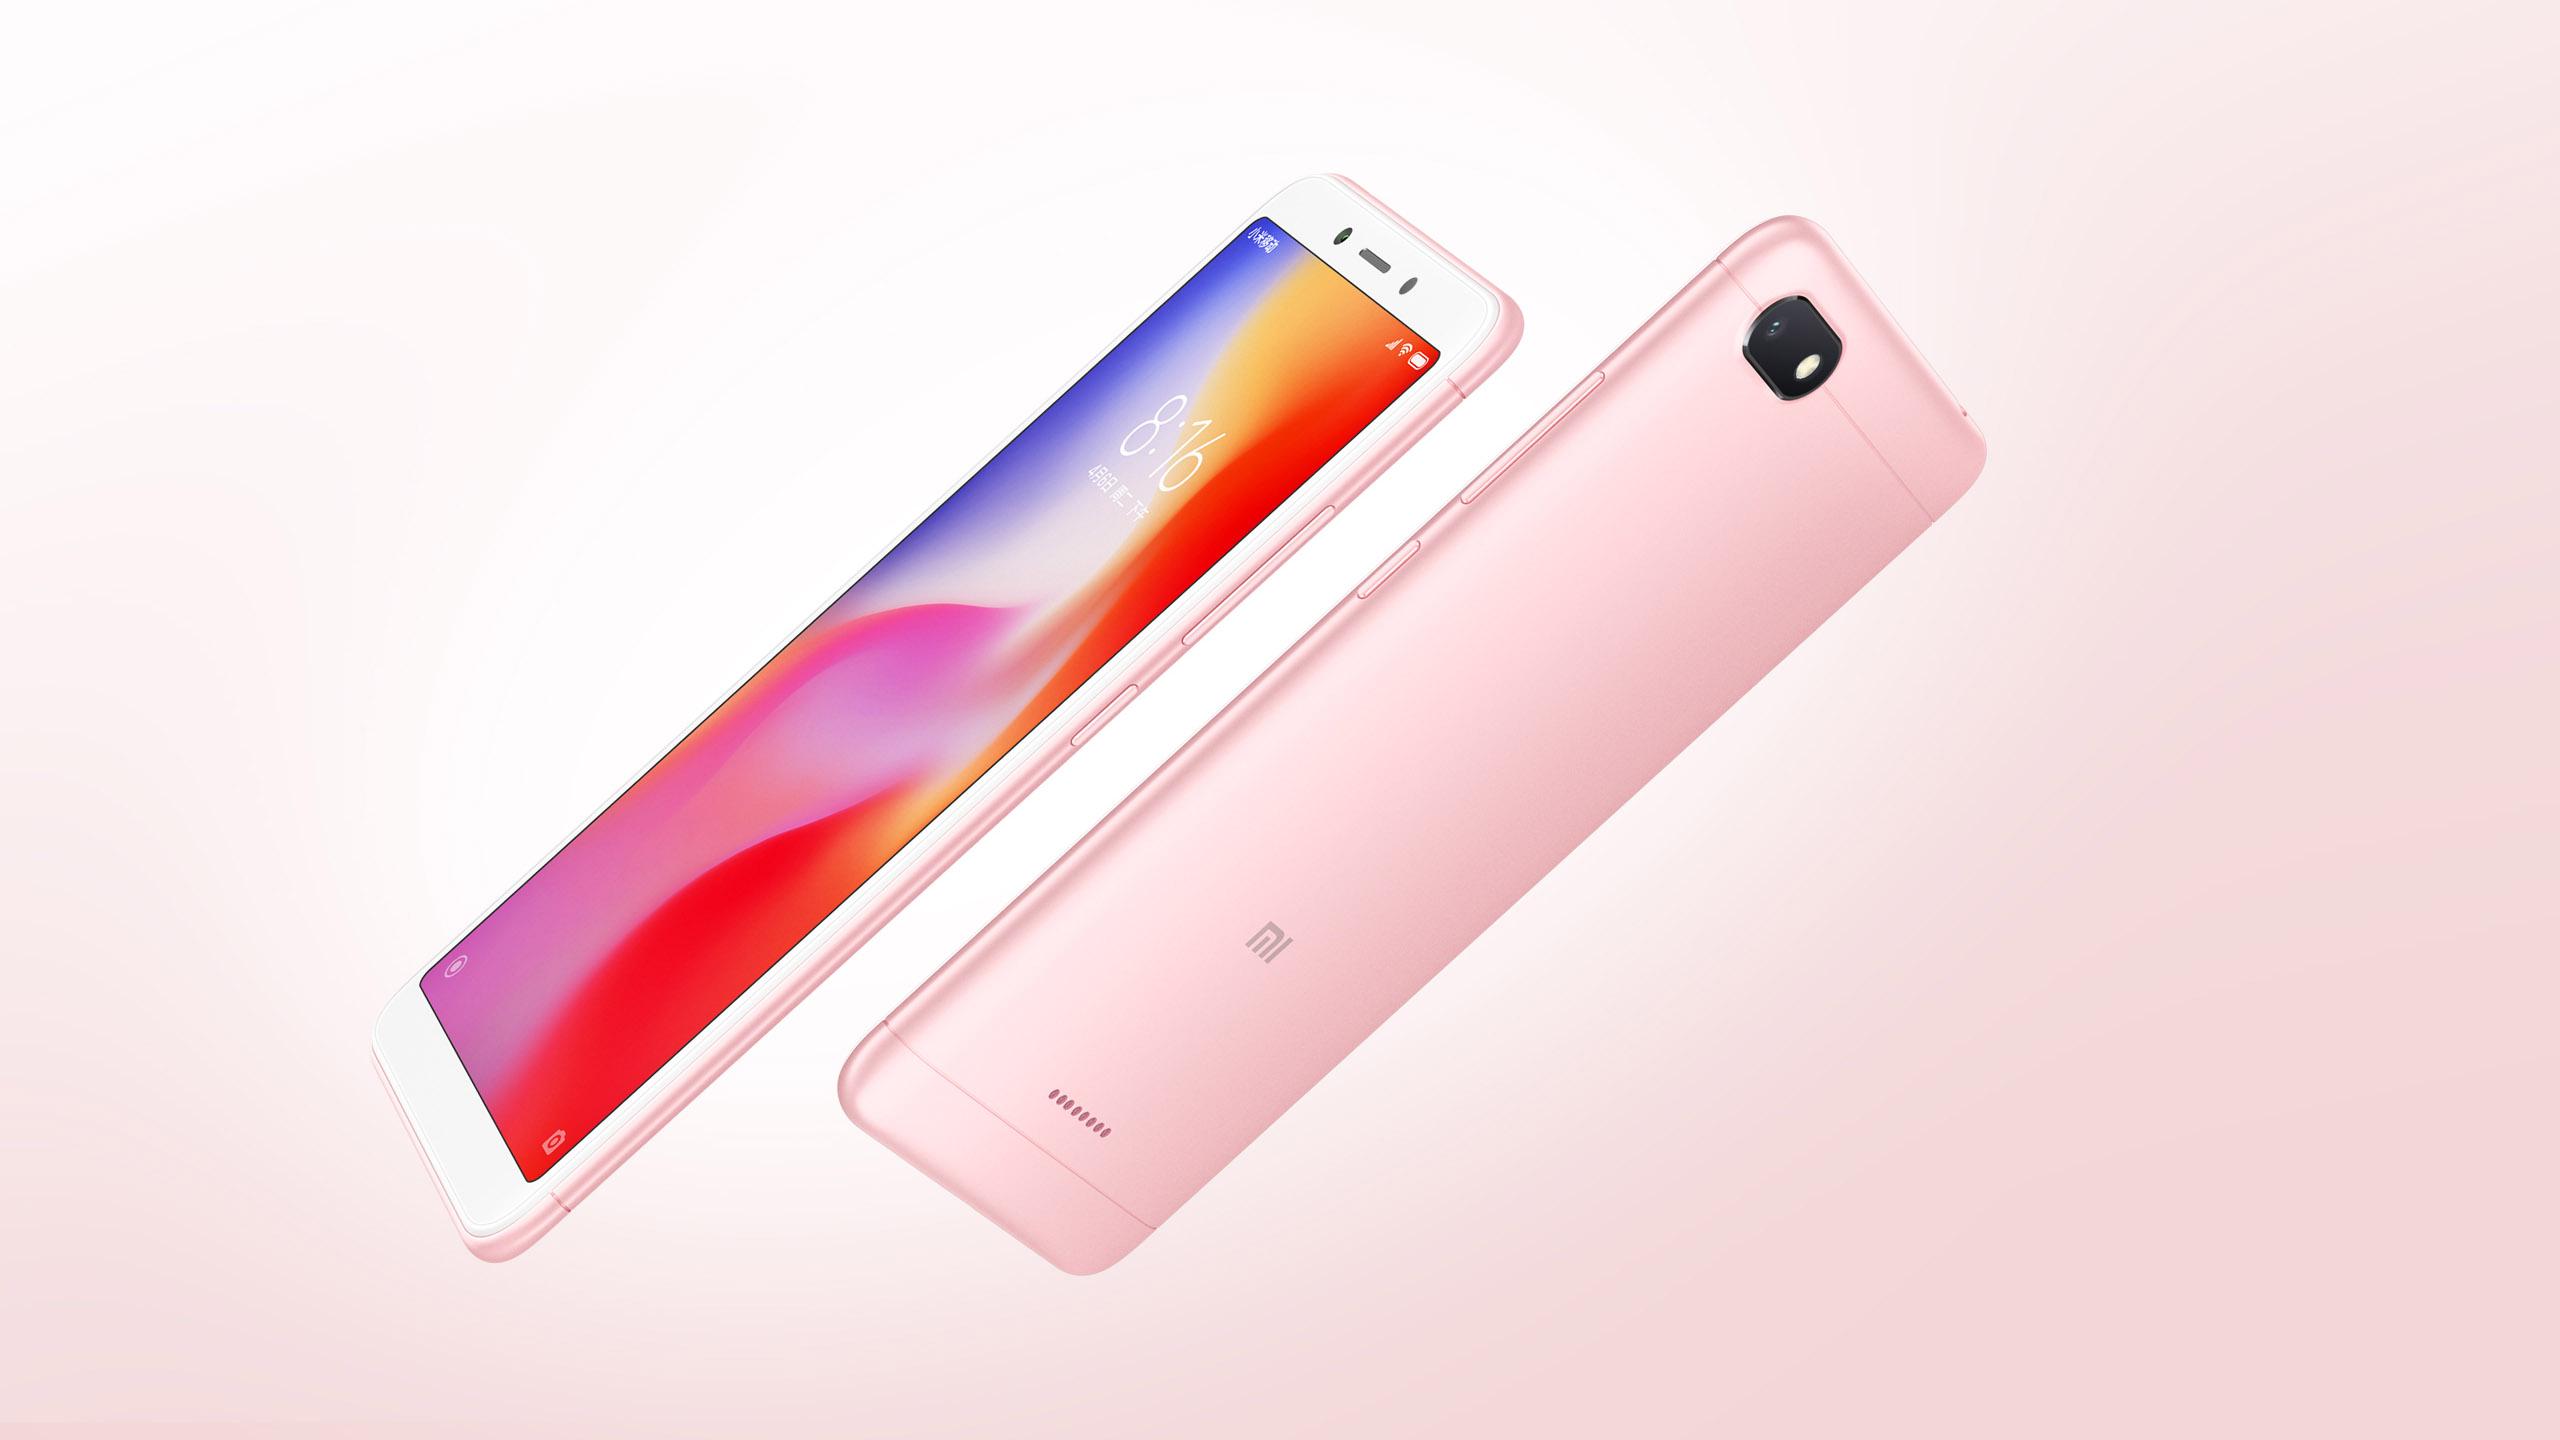 Xiaomi ra mắt Redmi 6 và Redmi 6A: Camera kép, mà hình 18:9, giá từ 2.1 triệu hình 5